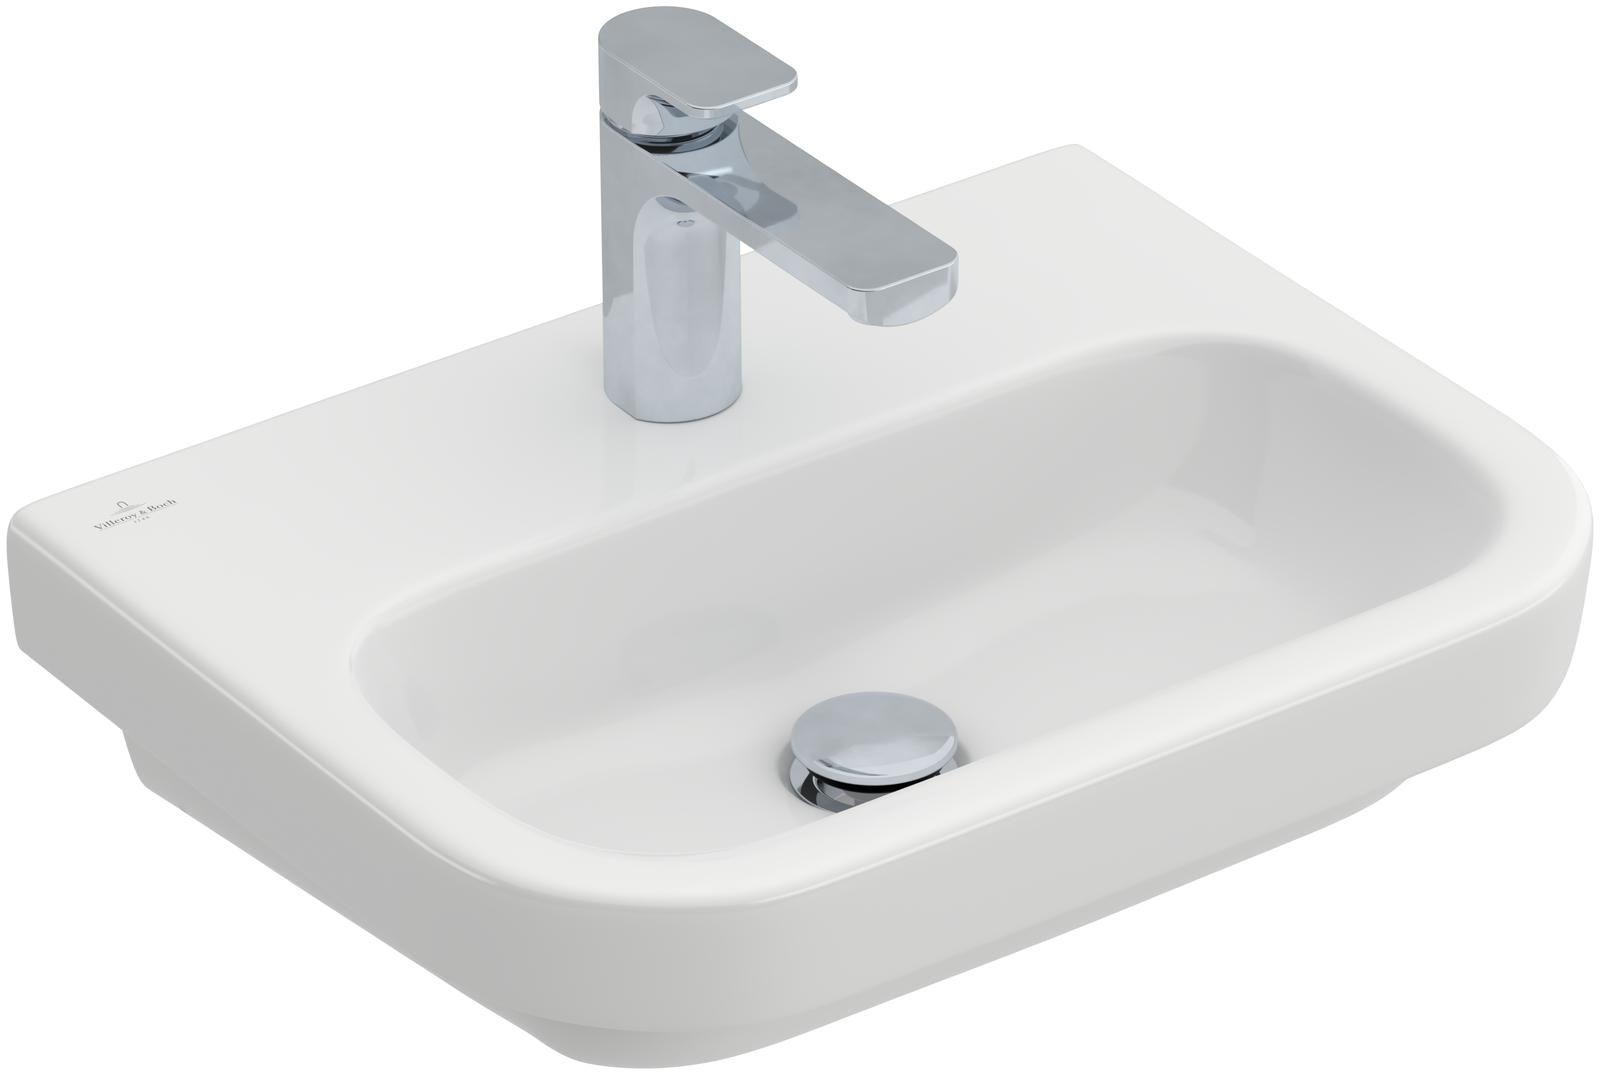 Villeroy & Boch Architectura Handwaschbecken B:50xT:38cm mit 1 Hahnloch ohne Überlauf weiß 43735101